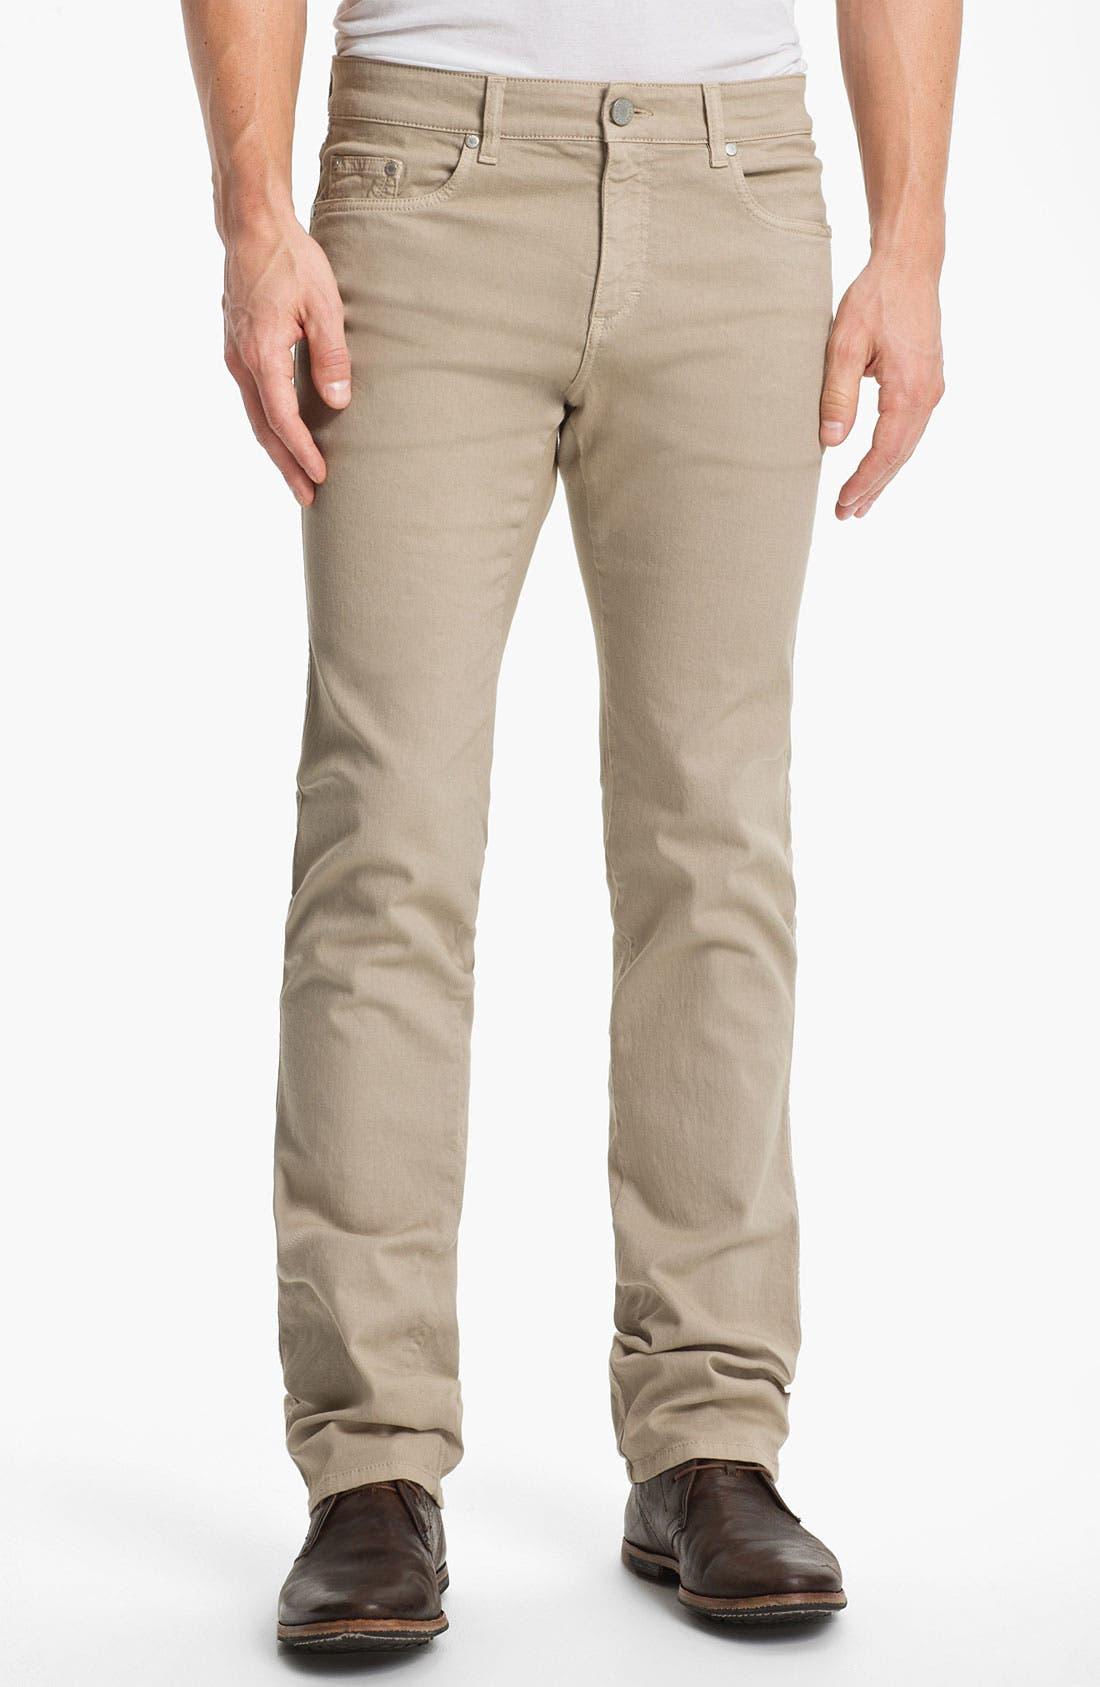 Alternate Image 1 Selected - Z Zegna Straight Leg Jeans (Light Beige)